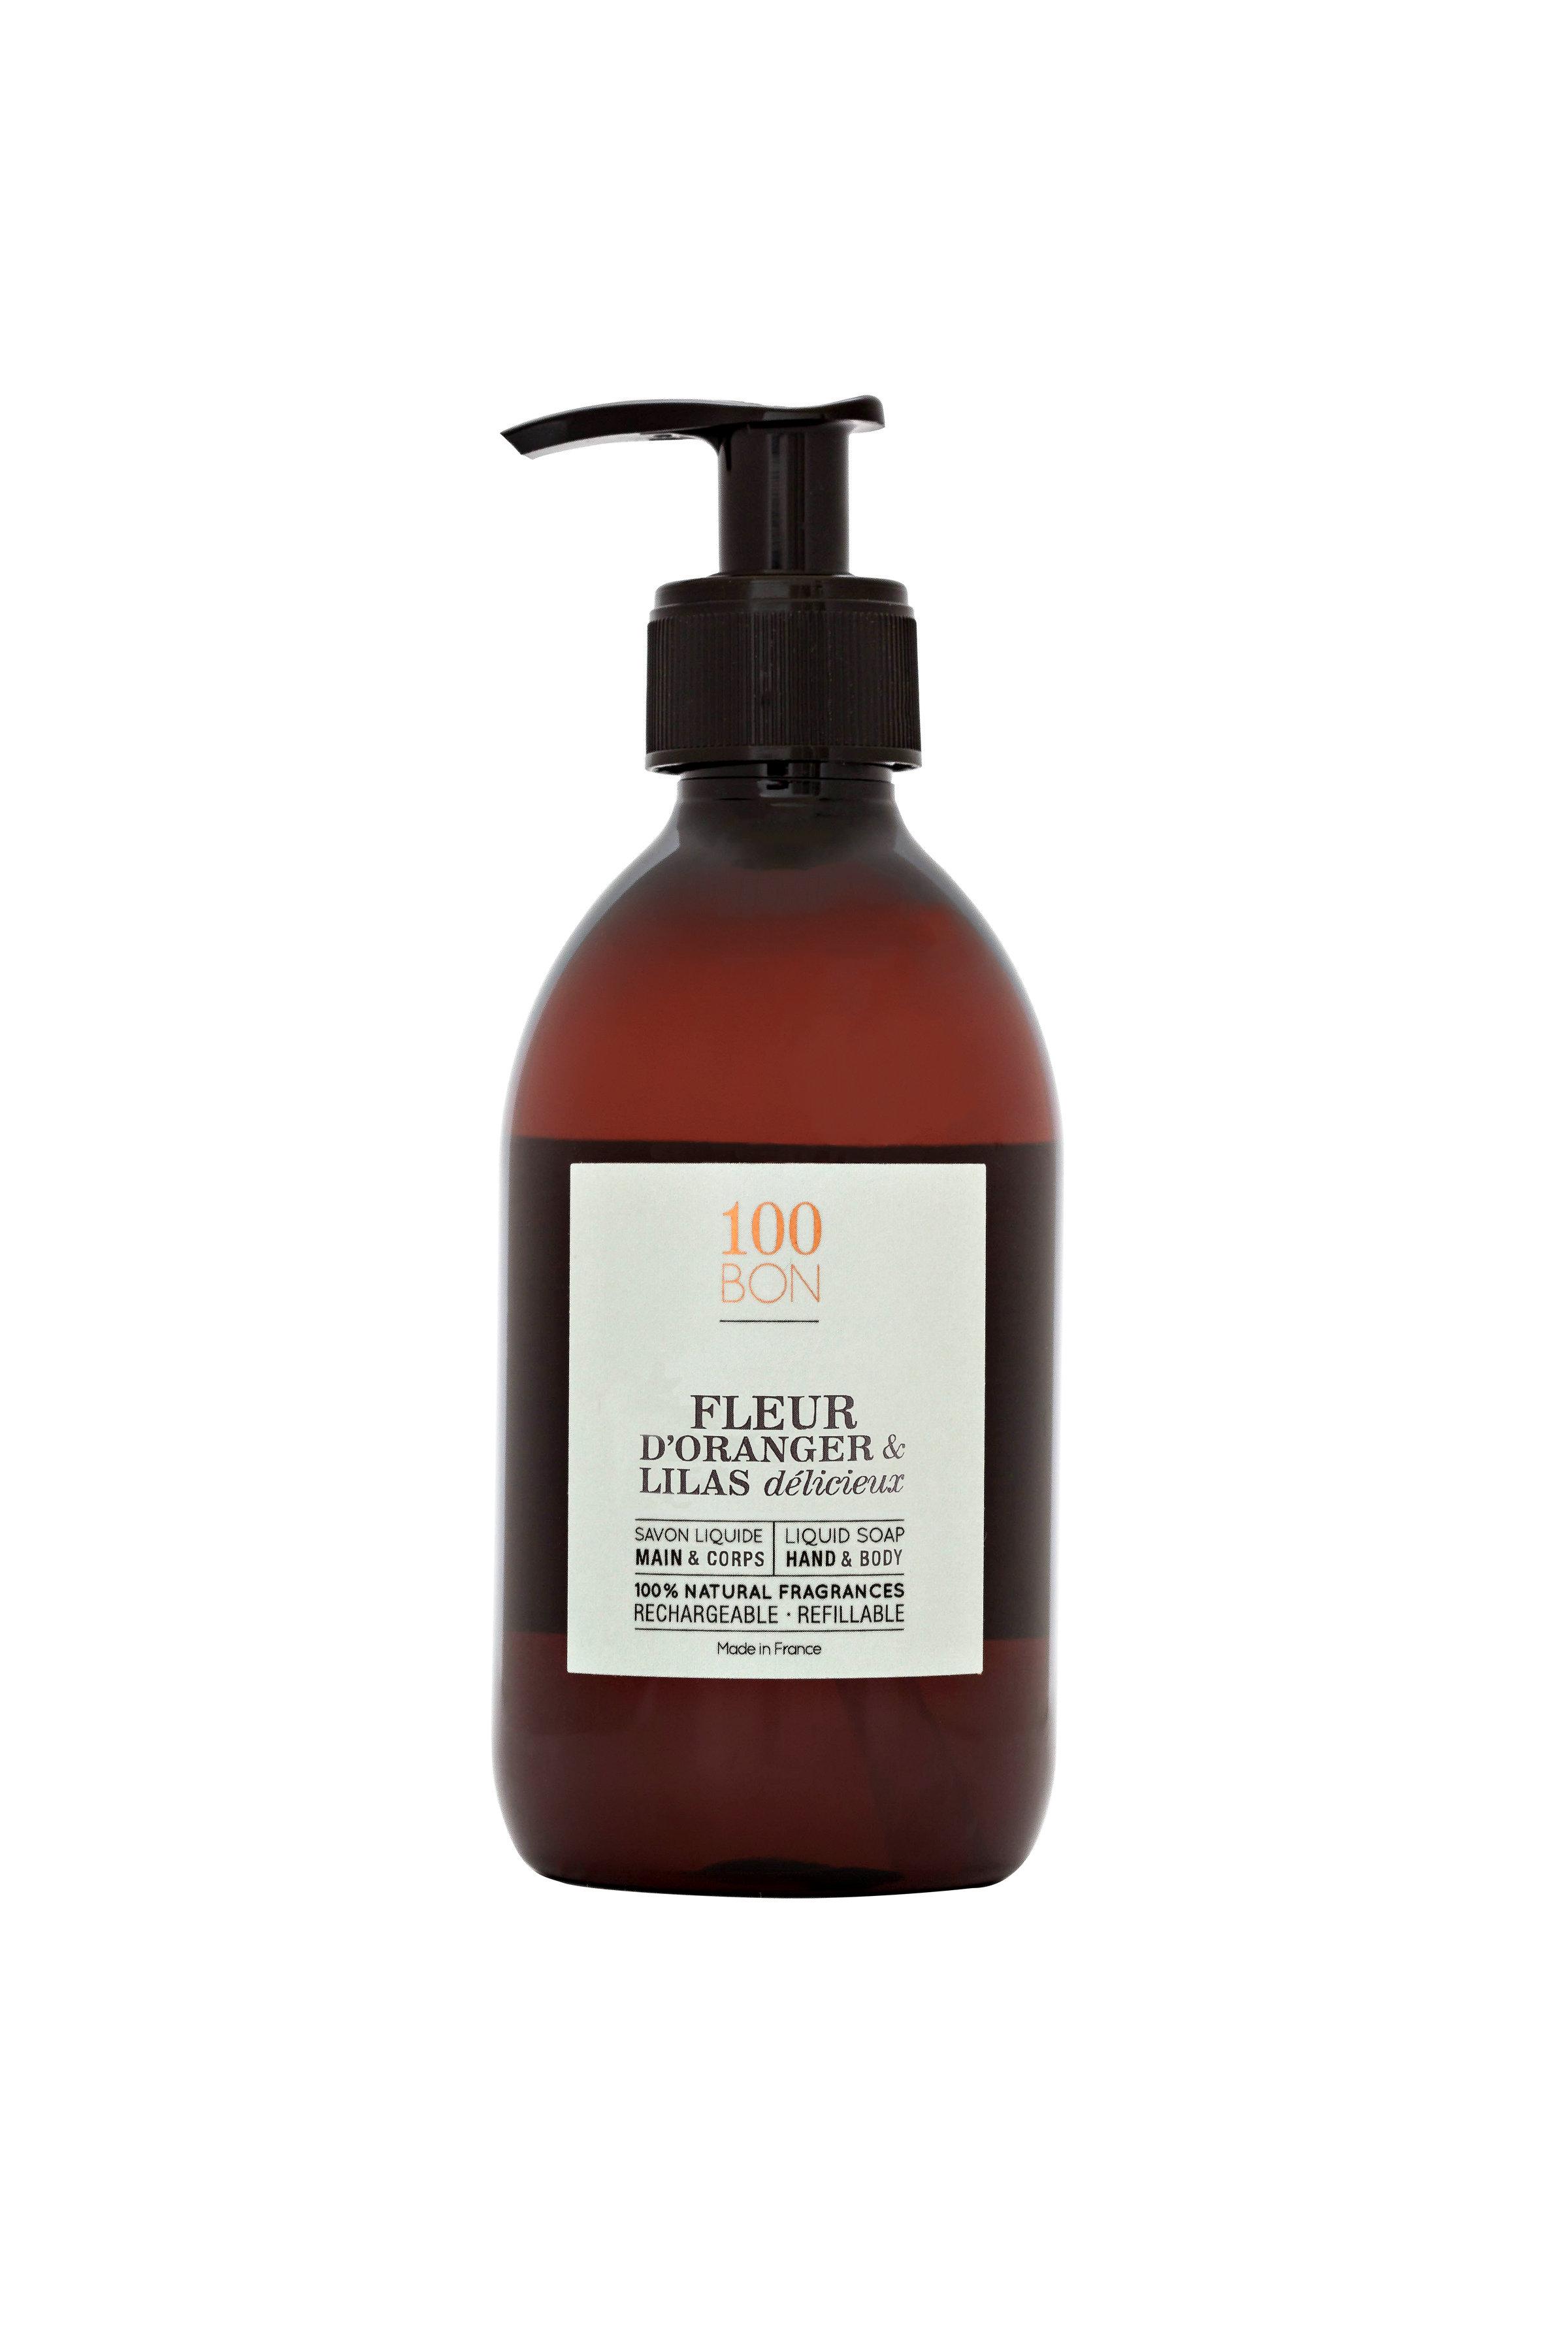 Fleur D'Oranger & Lilas Délicieux Liquid Soap